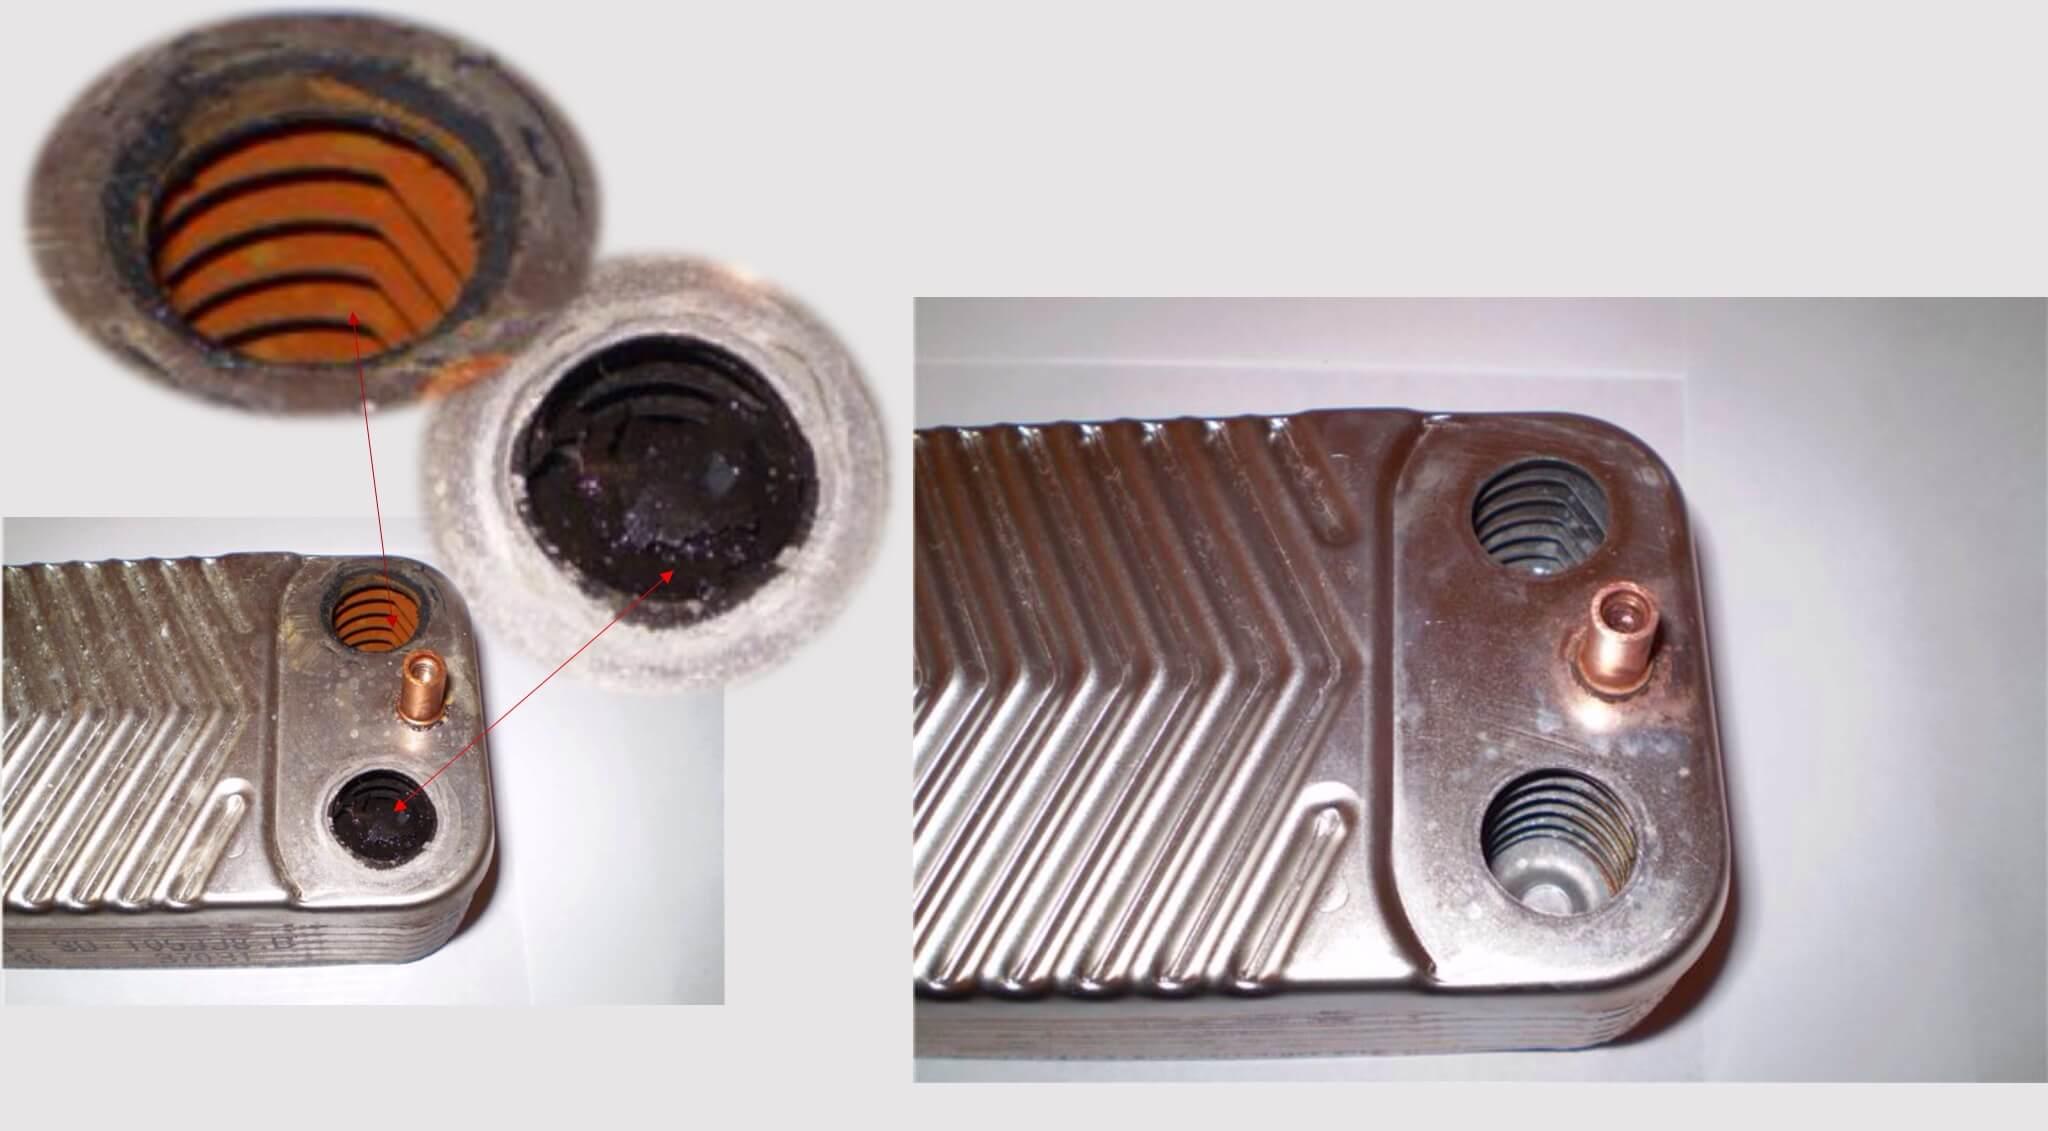 Как правильно промыть теплообменник. регулярная чистка теплообменников котла - гарантия его эффективной работы